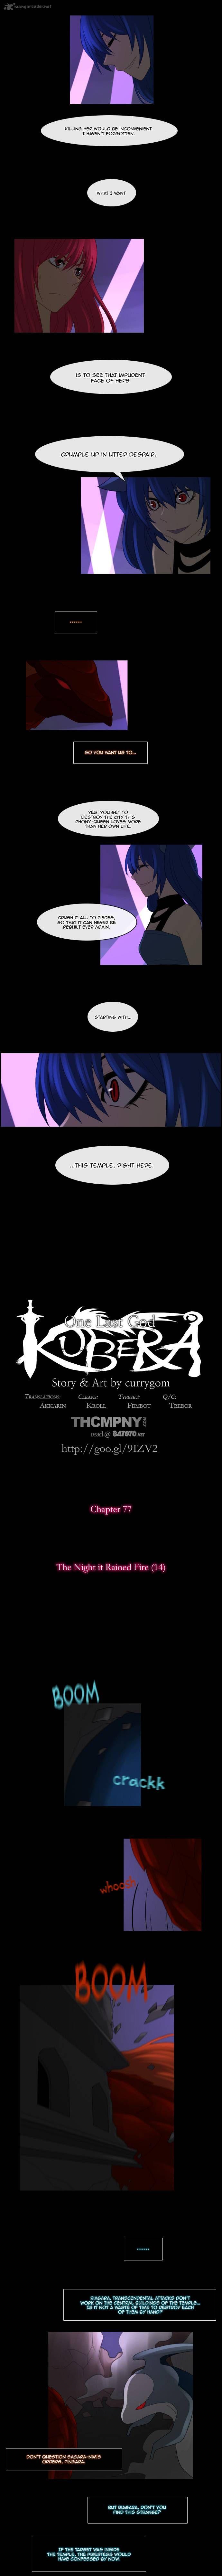 Kubera 77 Page 2